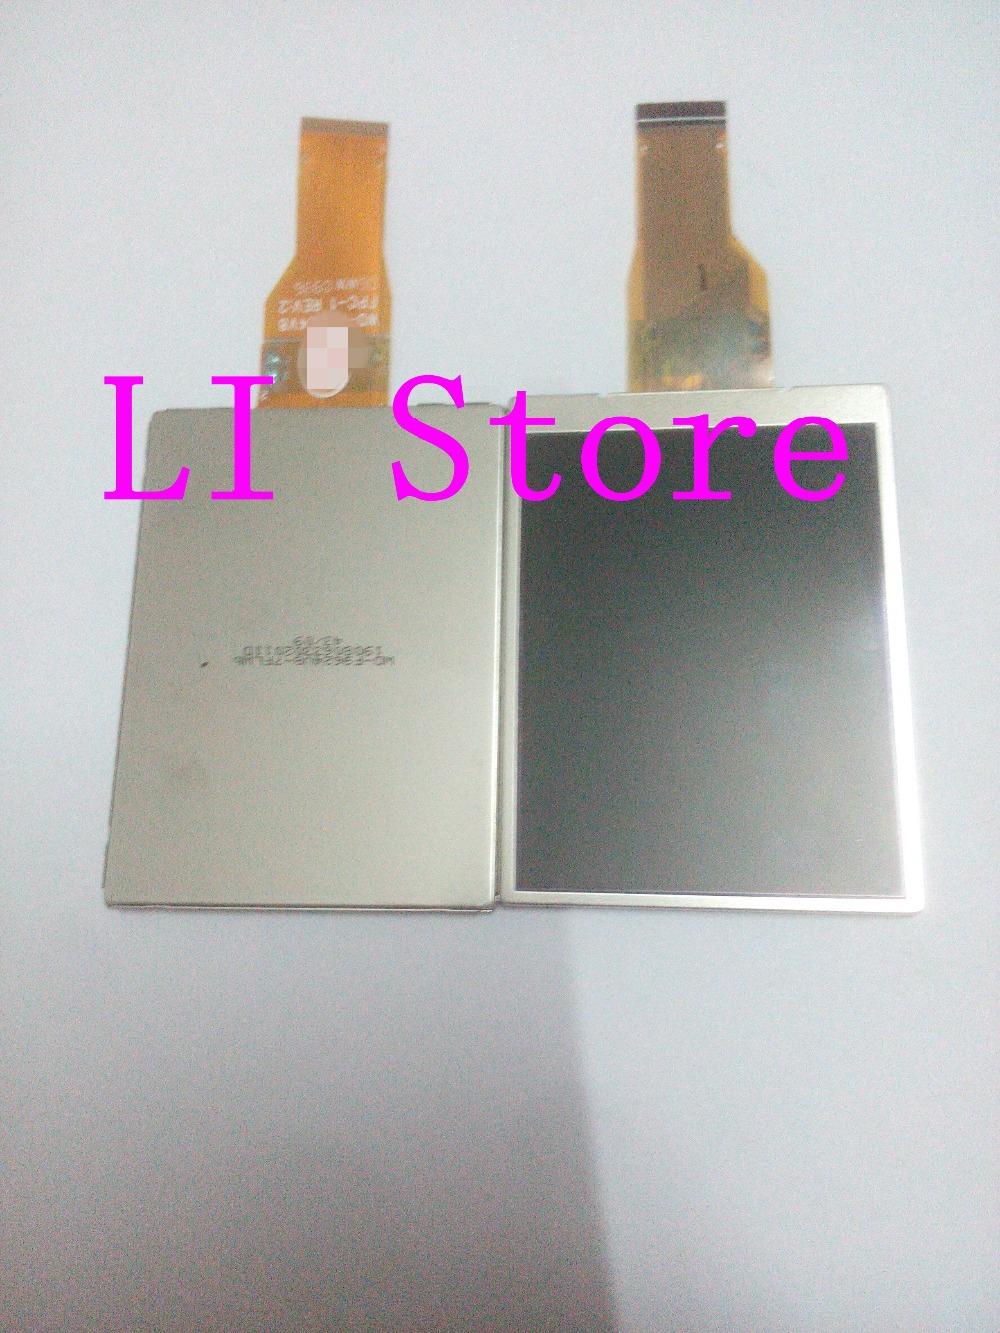 NEW LCD Display Screen For BENQ C1035 C1030 C1230 C1250 E1035 E1030 For AIGO V1020 W120 Digital Camera With Backlight(China (Mainland))